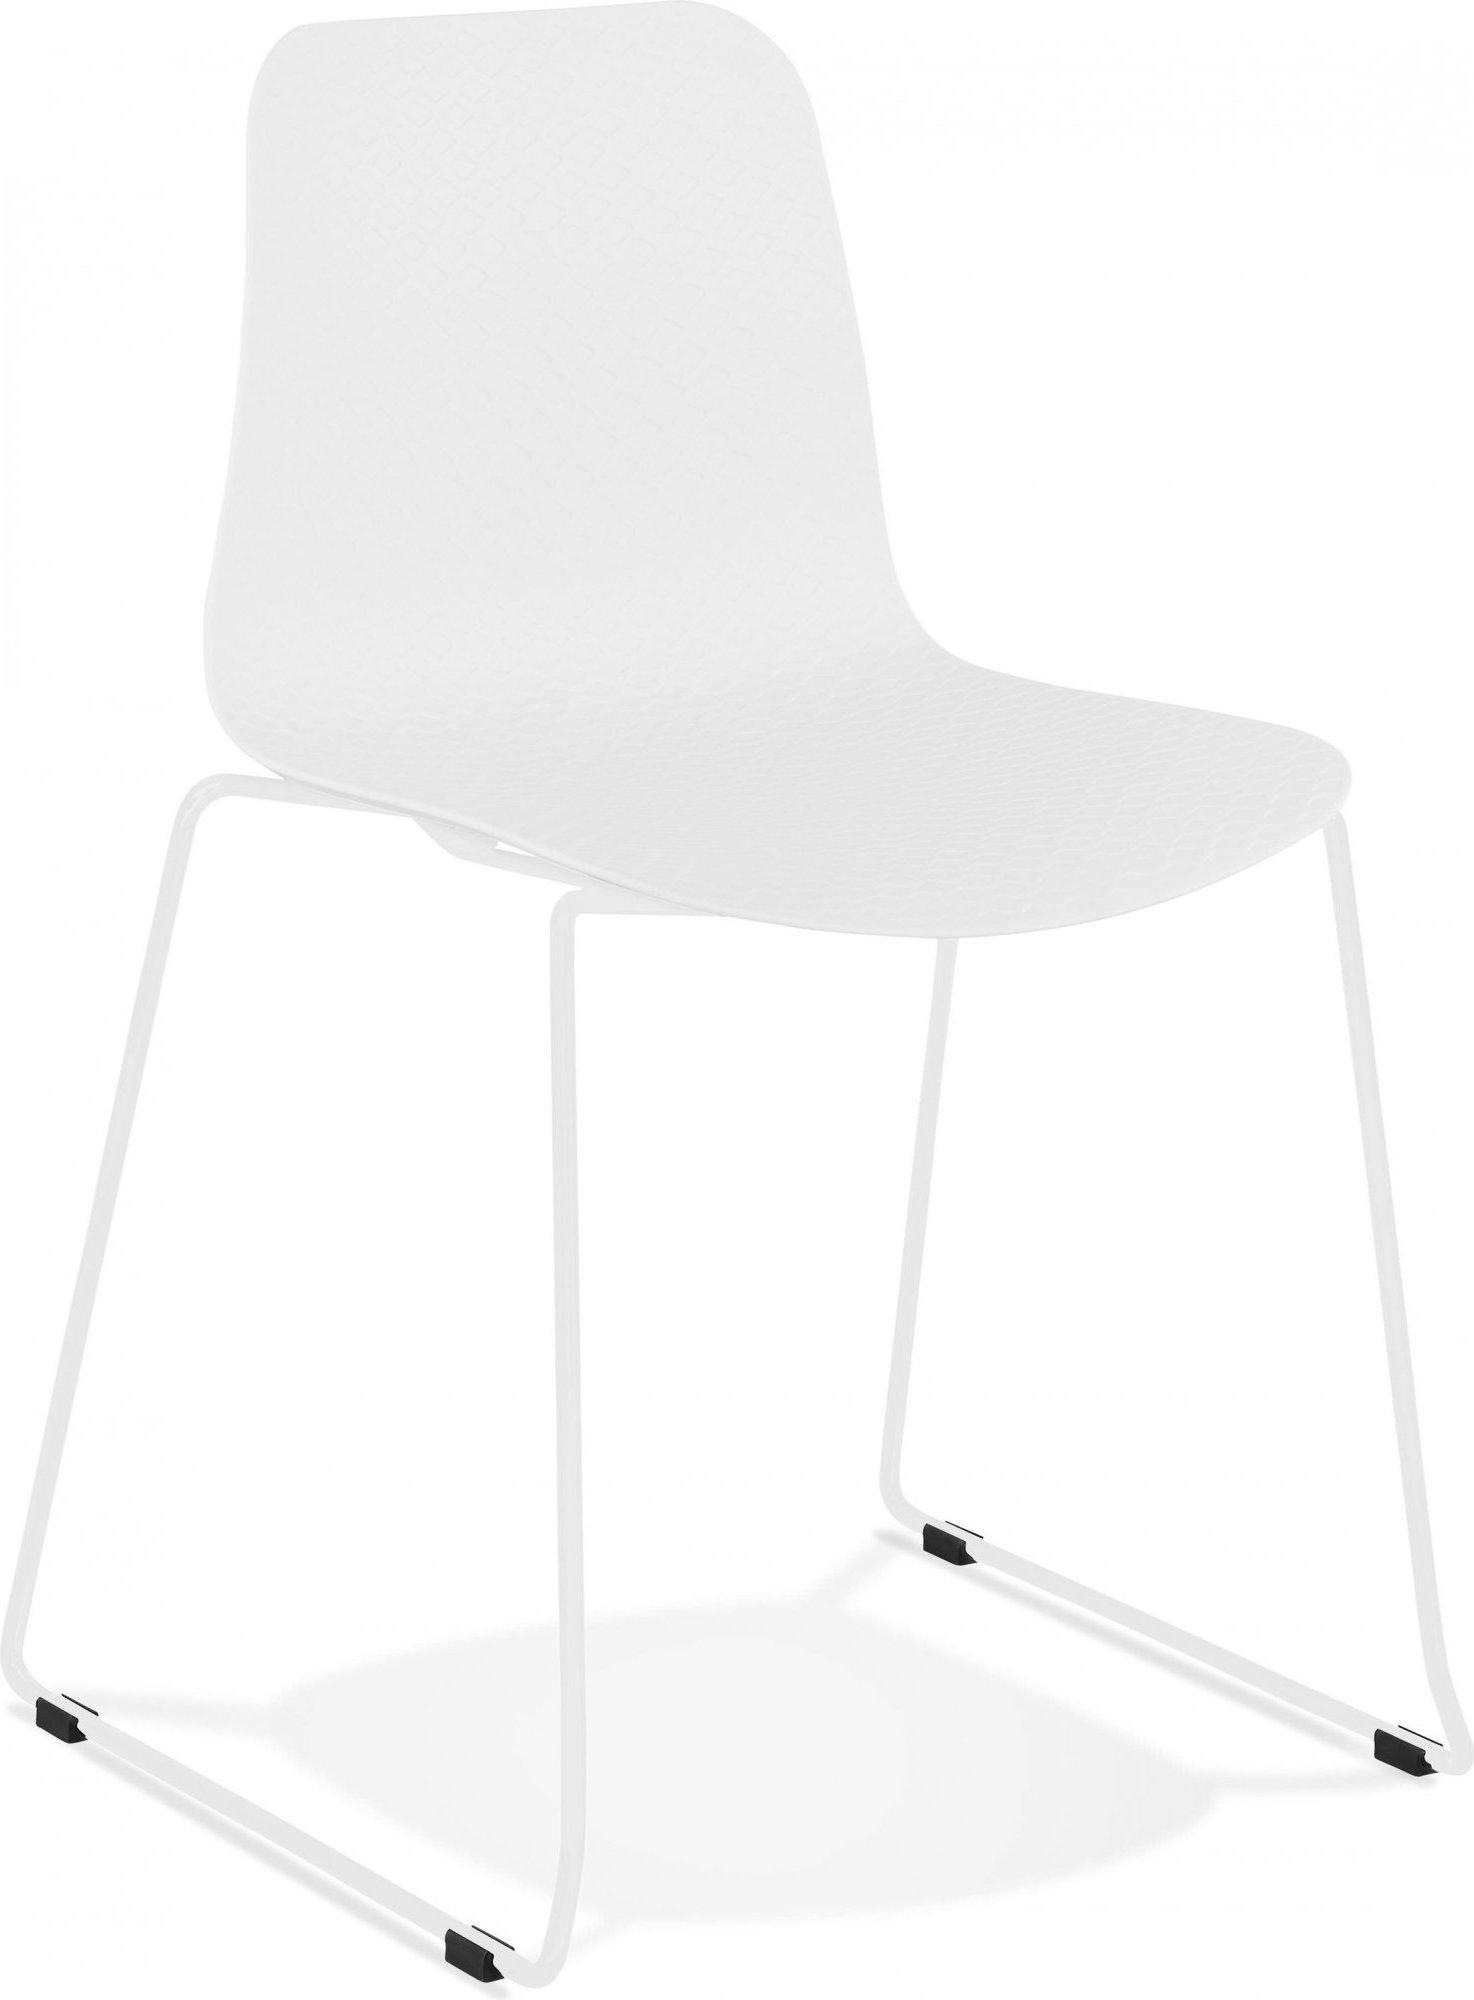 Chaise de table design assise couleur blanc pieds blanc